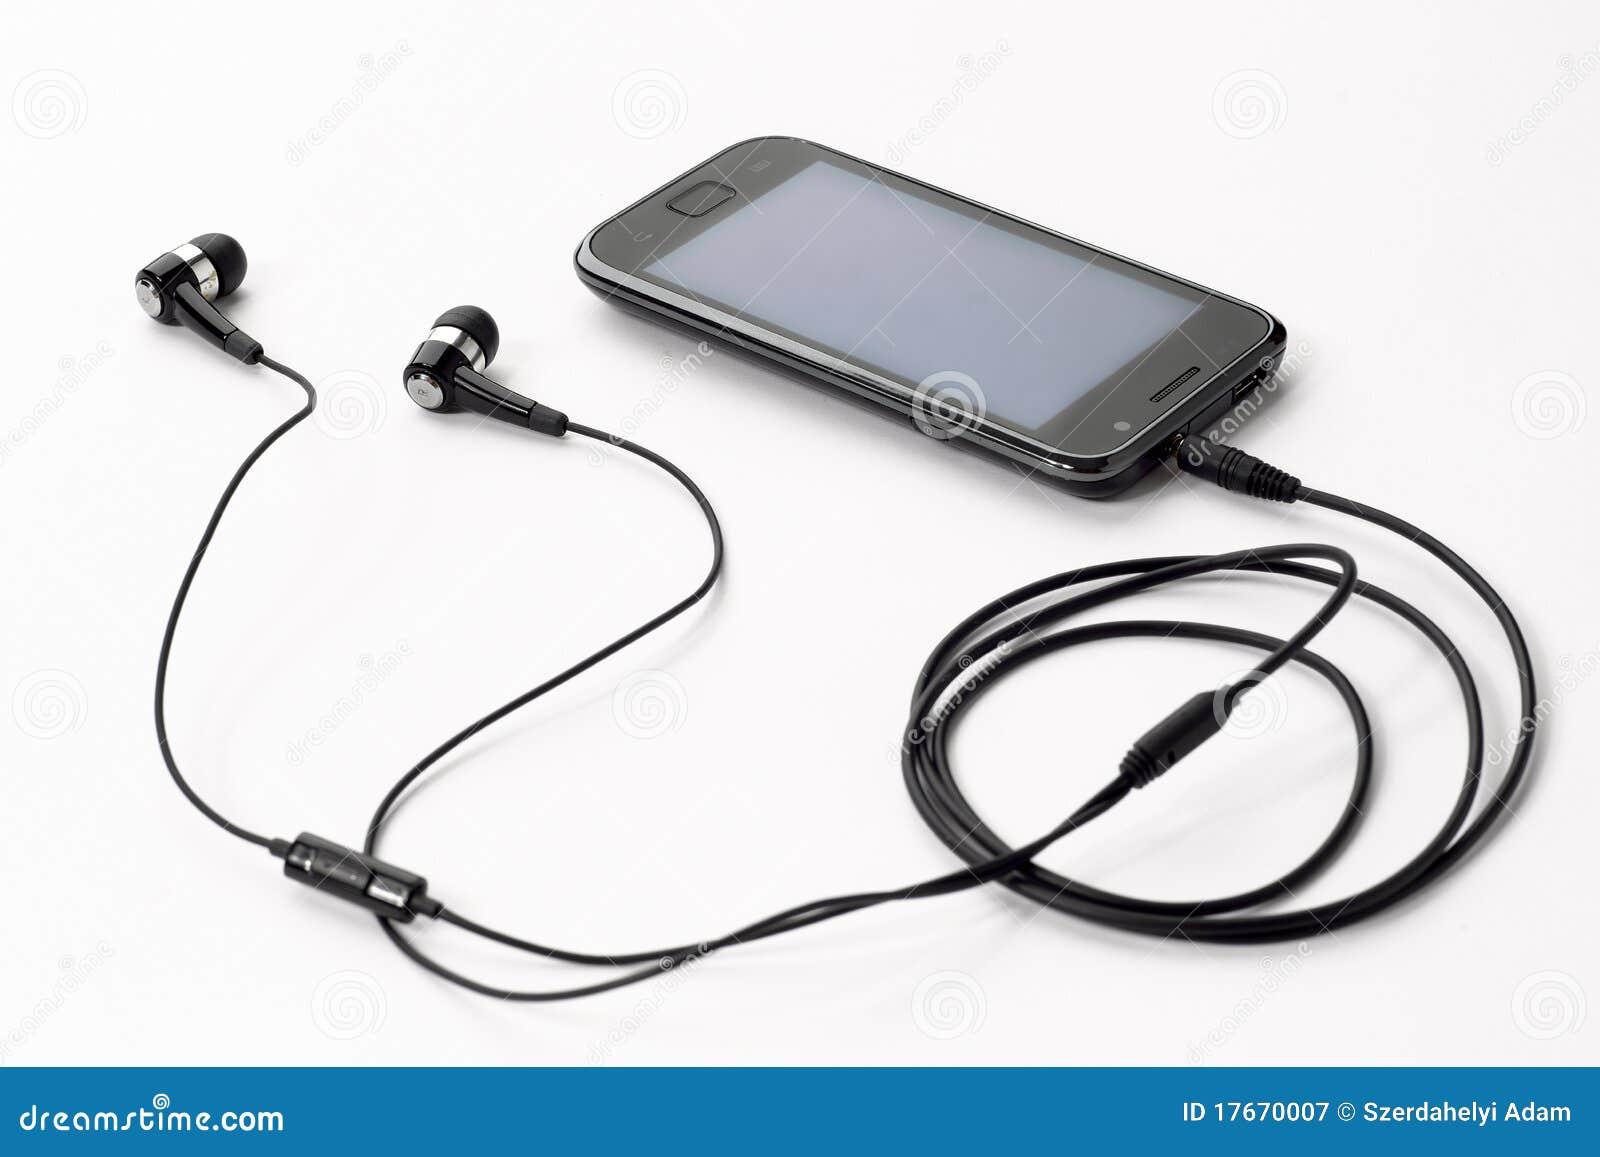 musique de coute avec le t l phone portable image stock image du libre aide 17670007. Black Bedroom Furniture Sets. Home Design Ideas